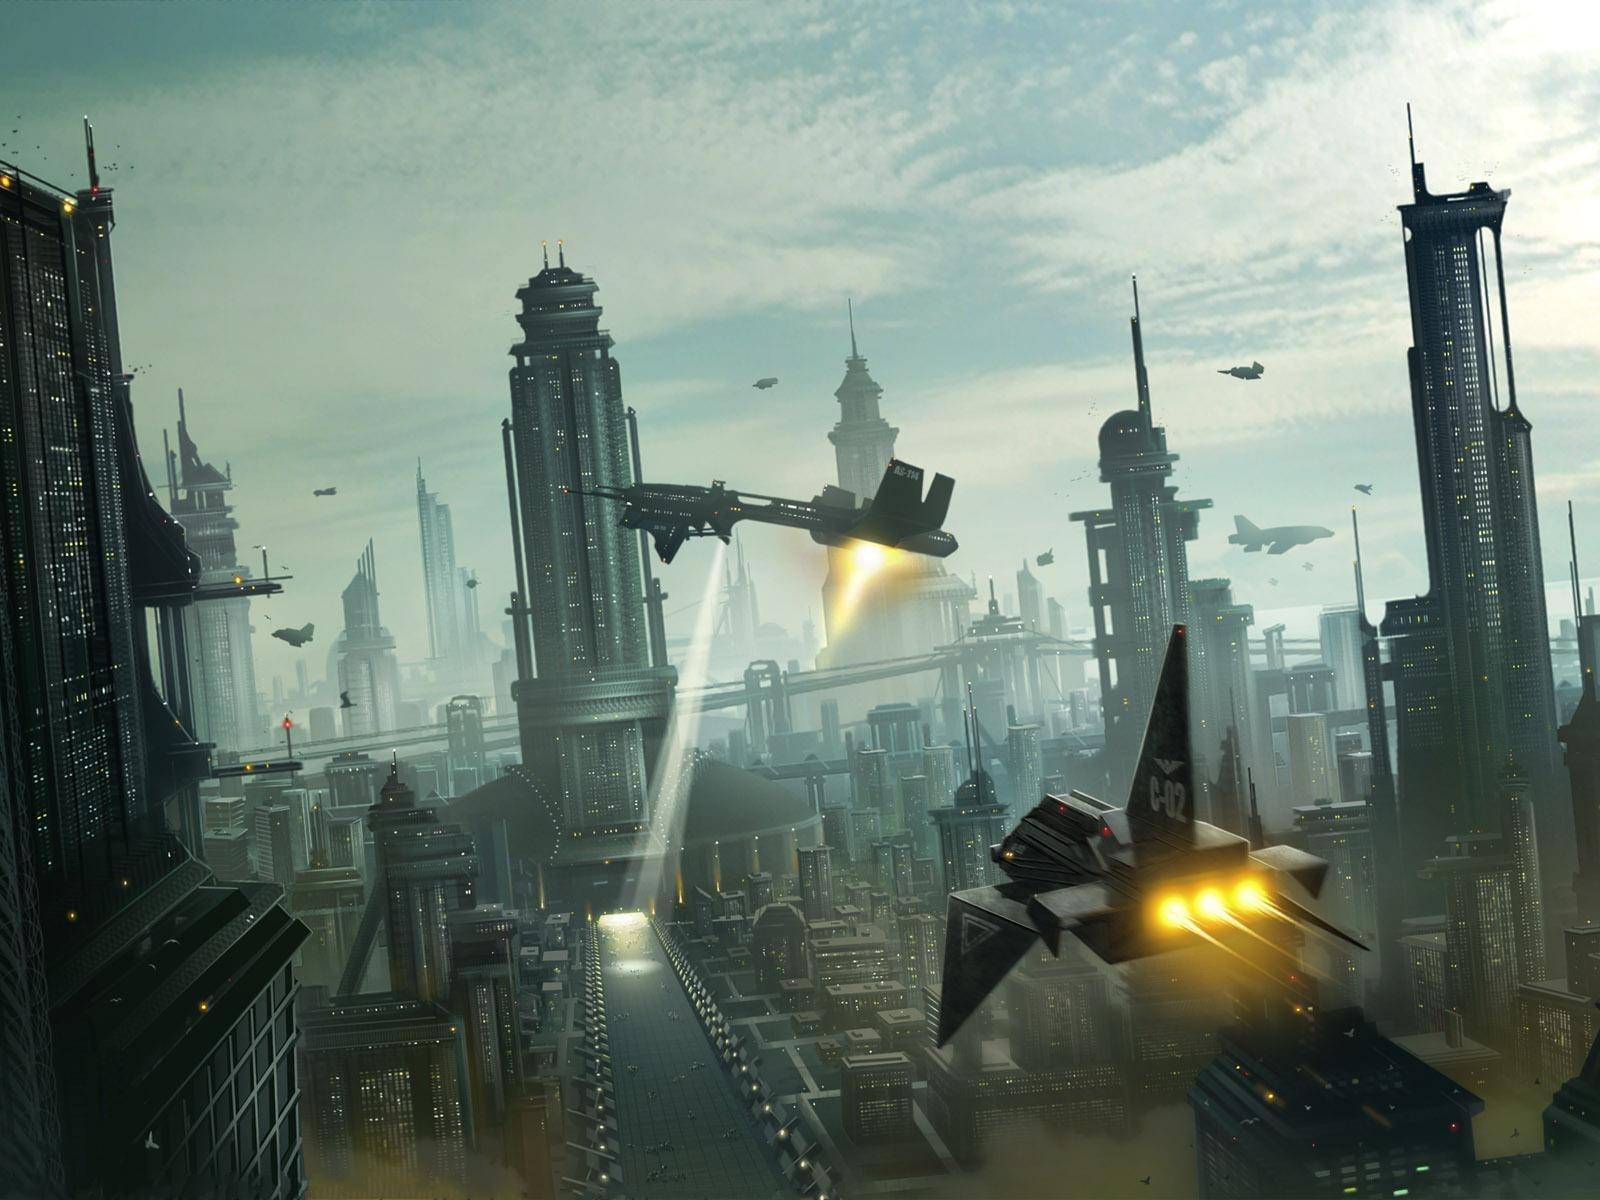 Концепт-арт города будущего